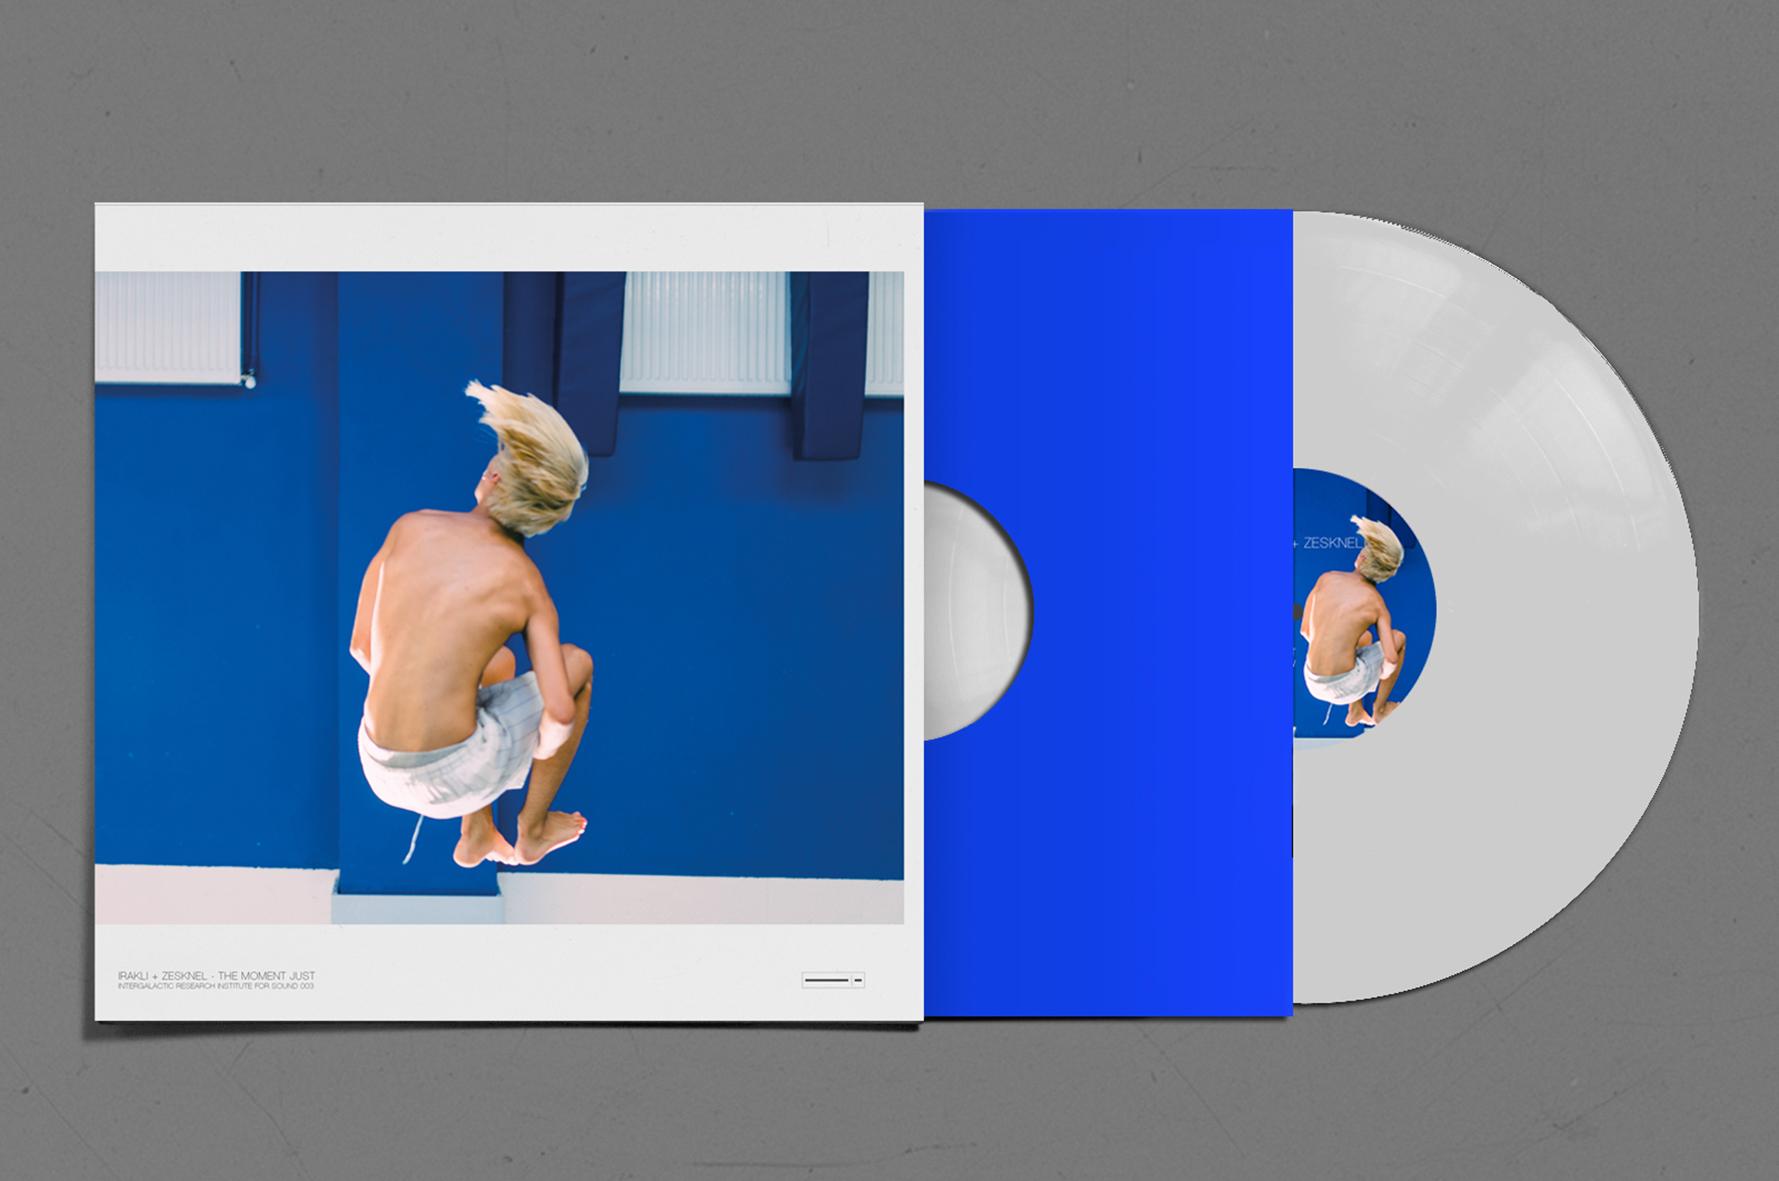 Eine Schallplatte und das Schallplattencover mit einem jungen Mann der mit angezogenen Beinen und wehenden Haaren in die Luft springt